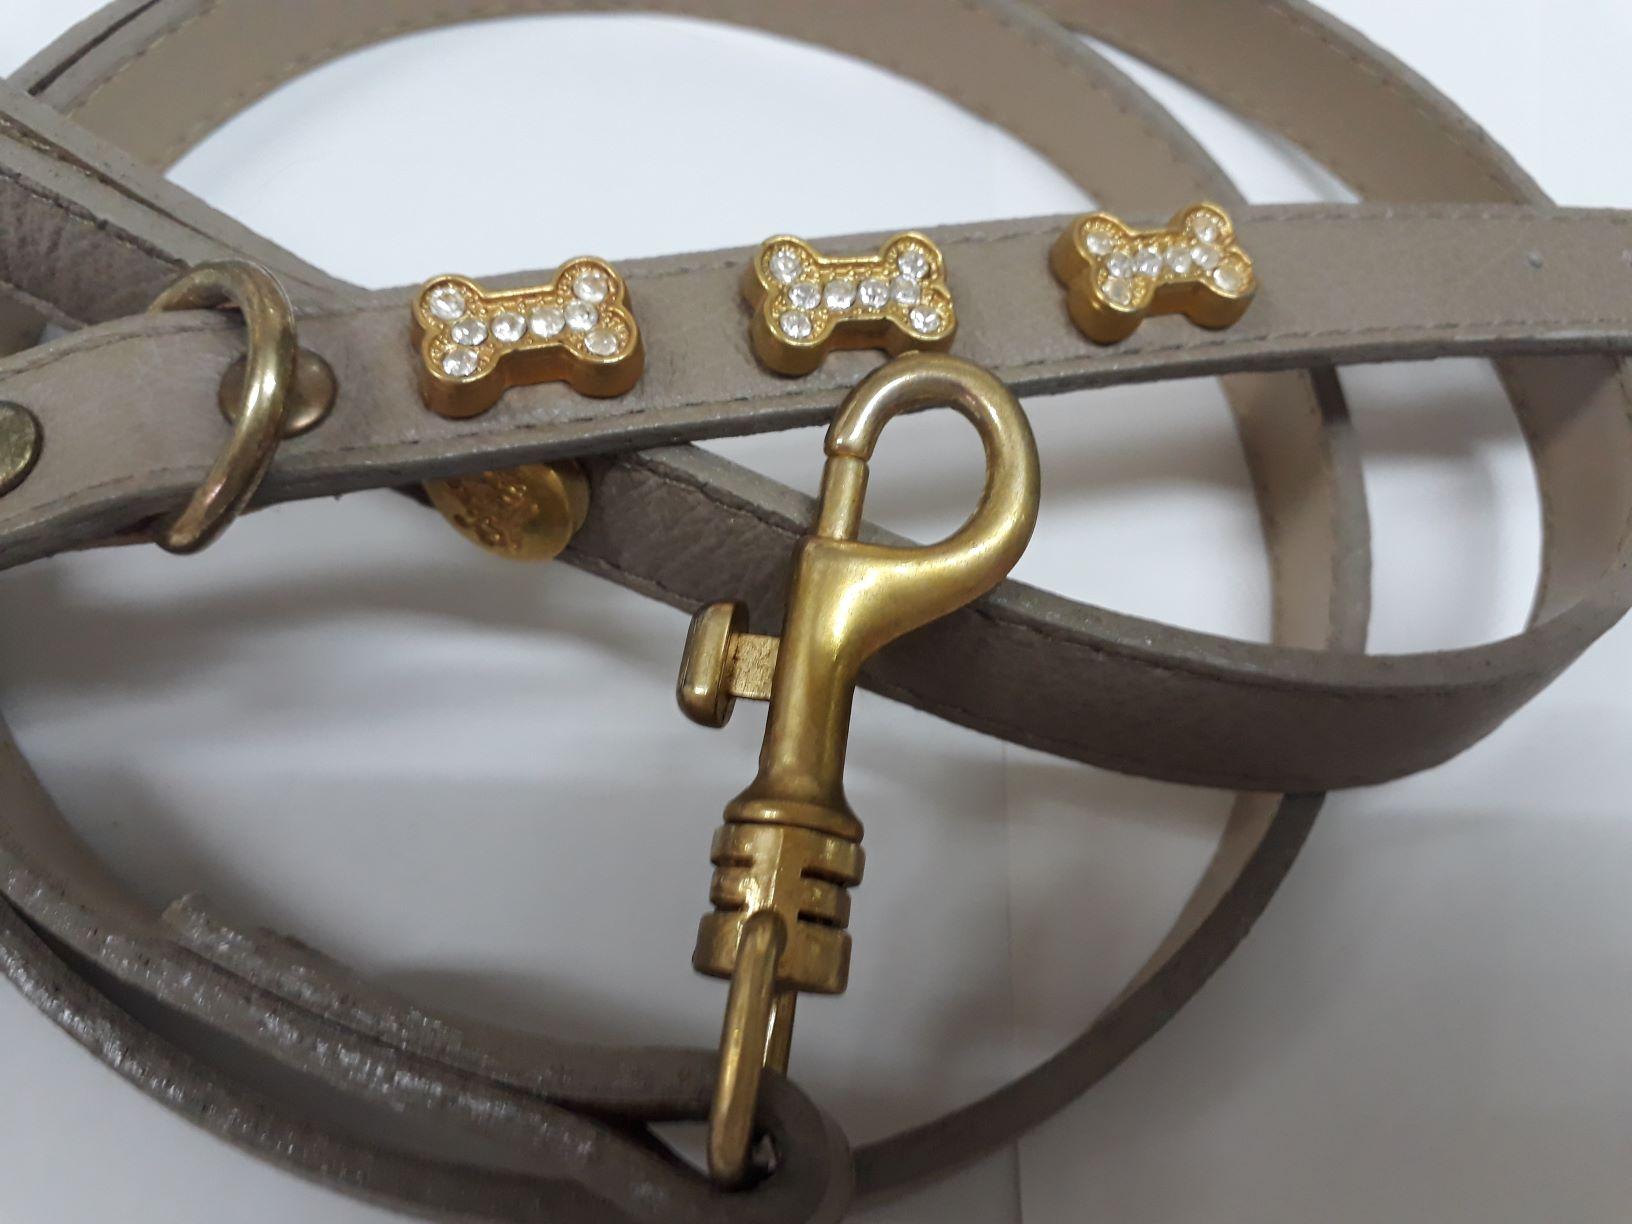 Coleira E Guia Couro Bege Woof Com Detalhes Dourado E Strass N 14